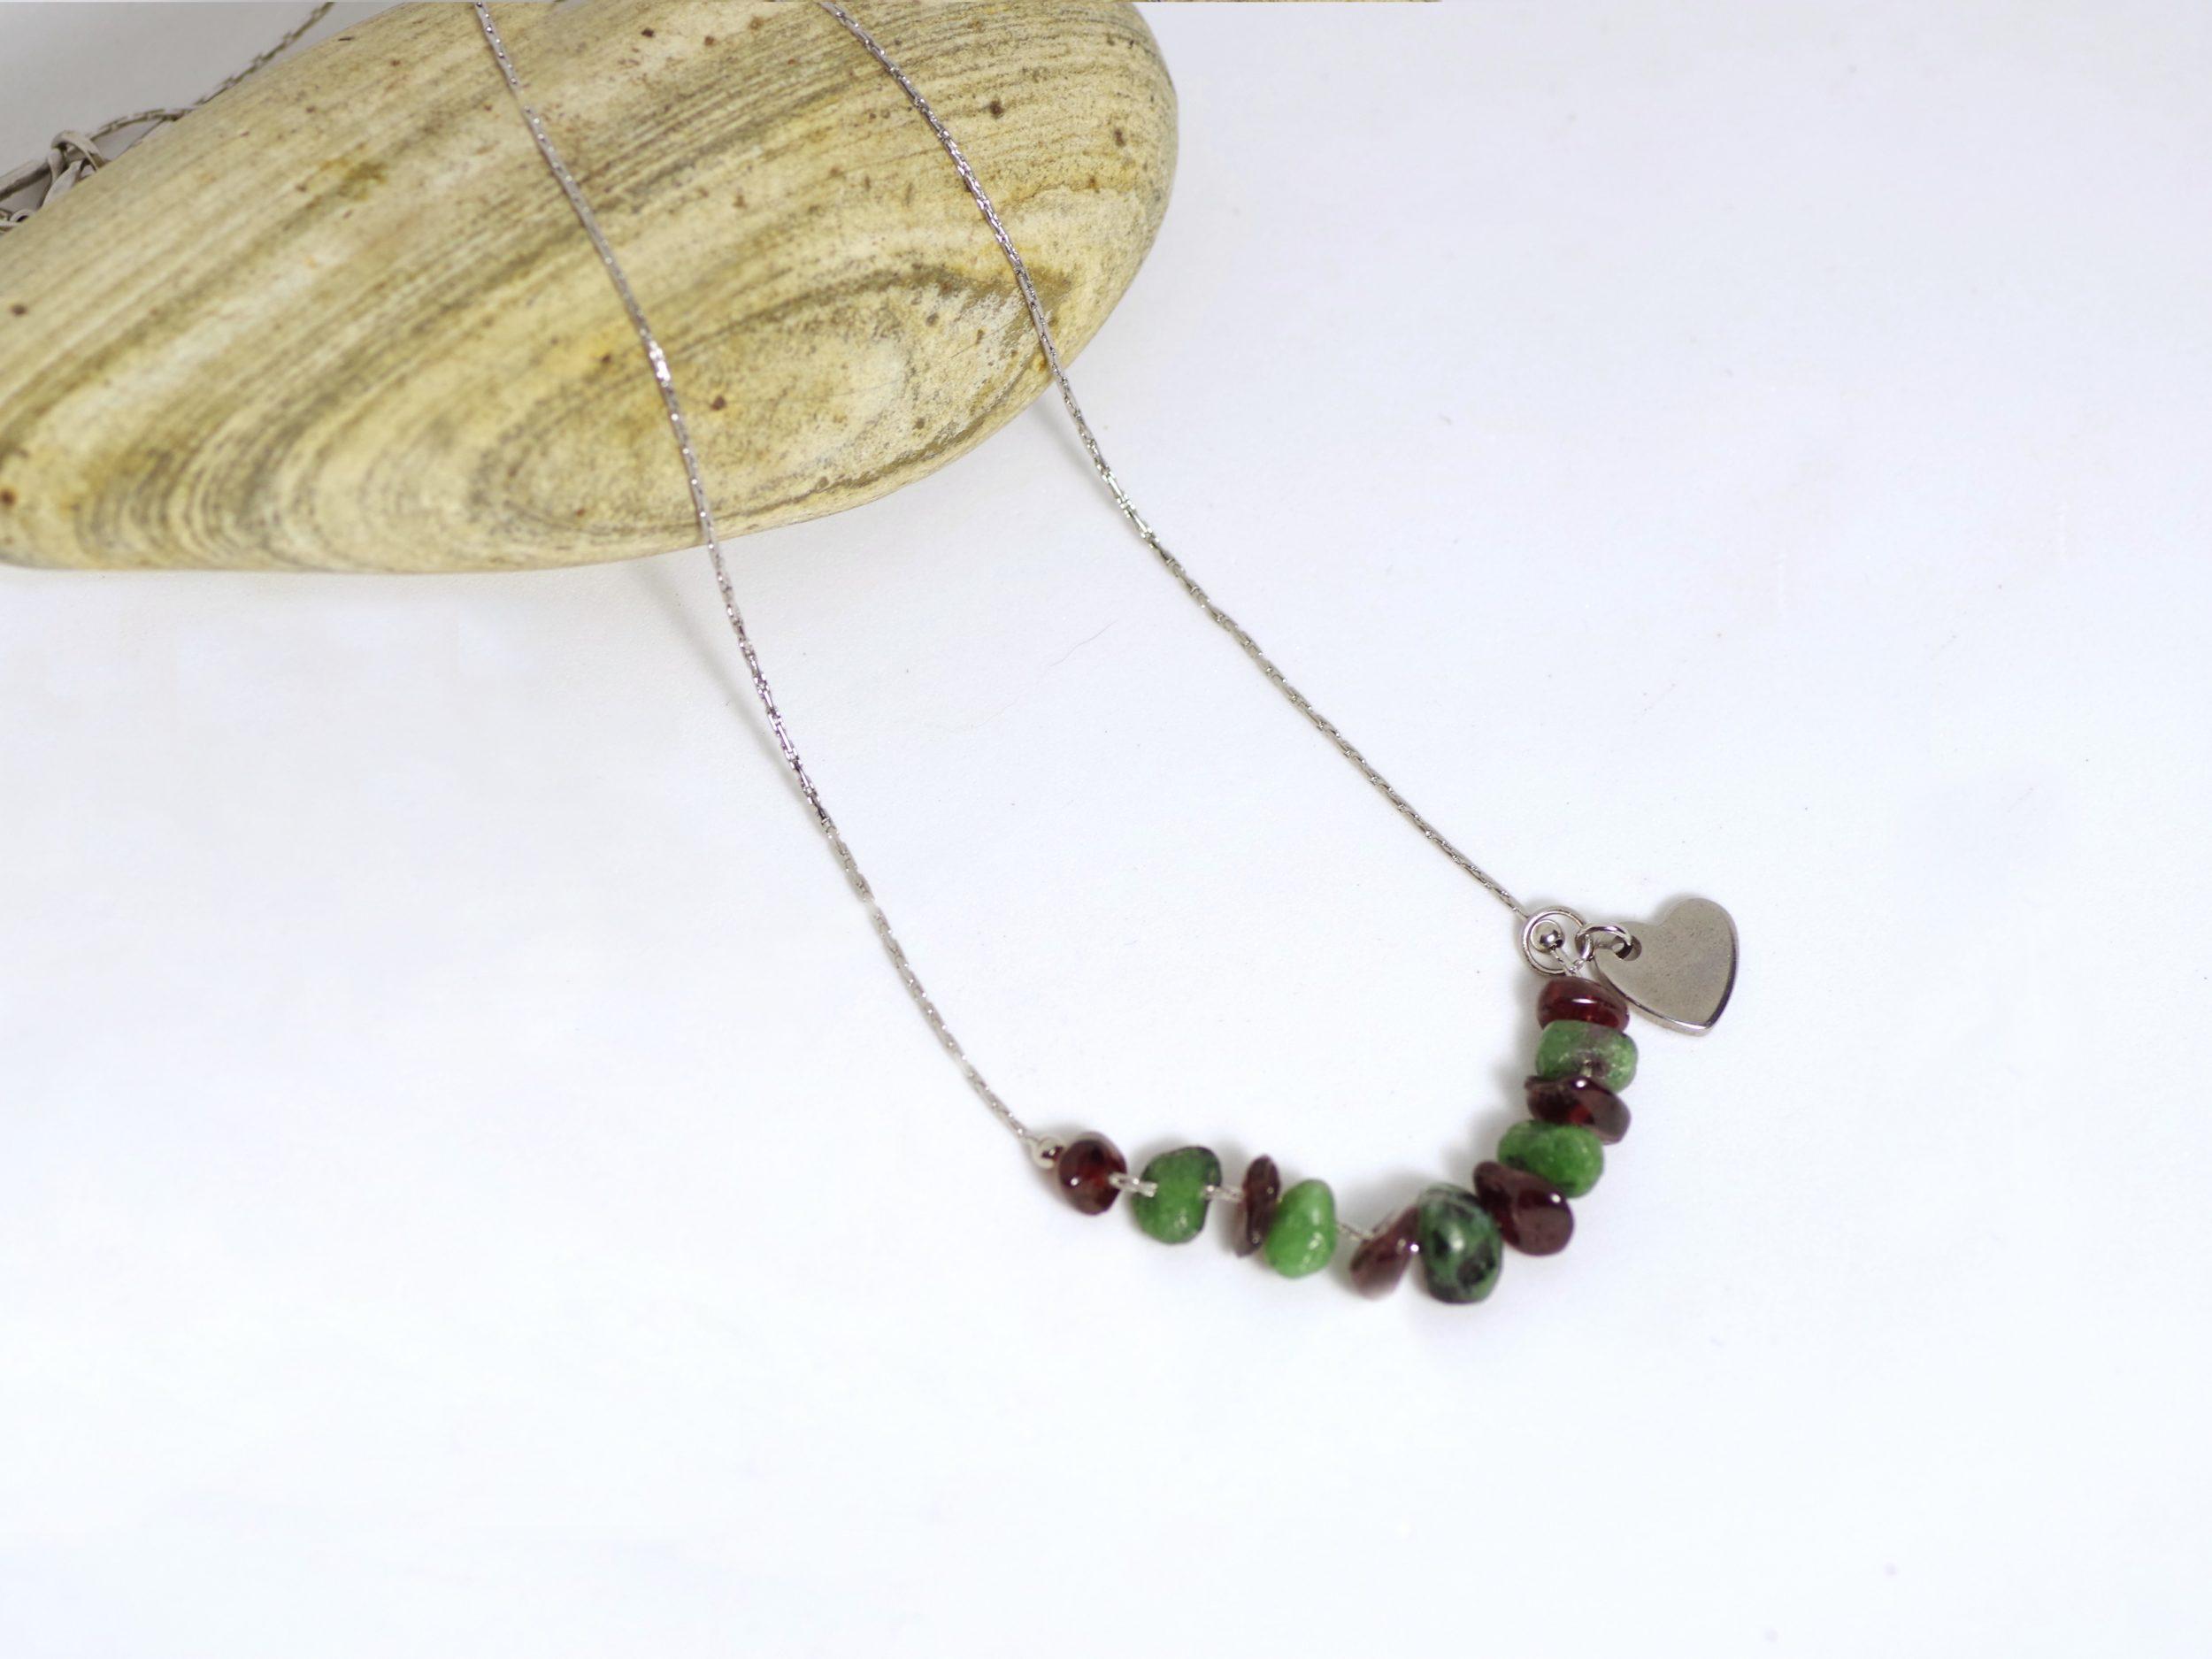 Collier chaine en inox avec des pierres rouges et vertes et un petit coeur en inox